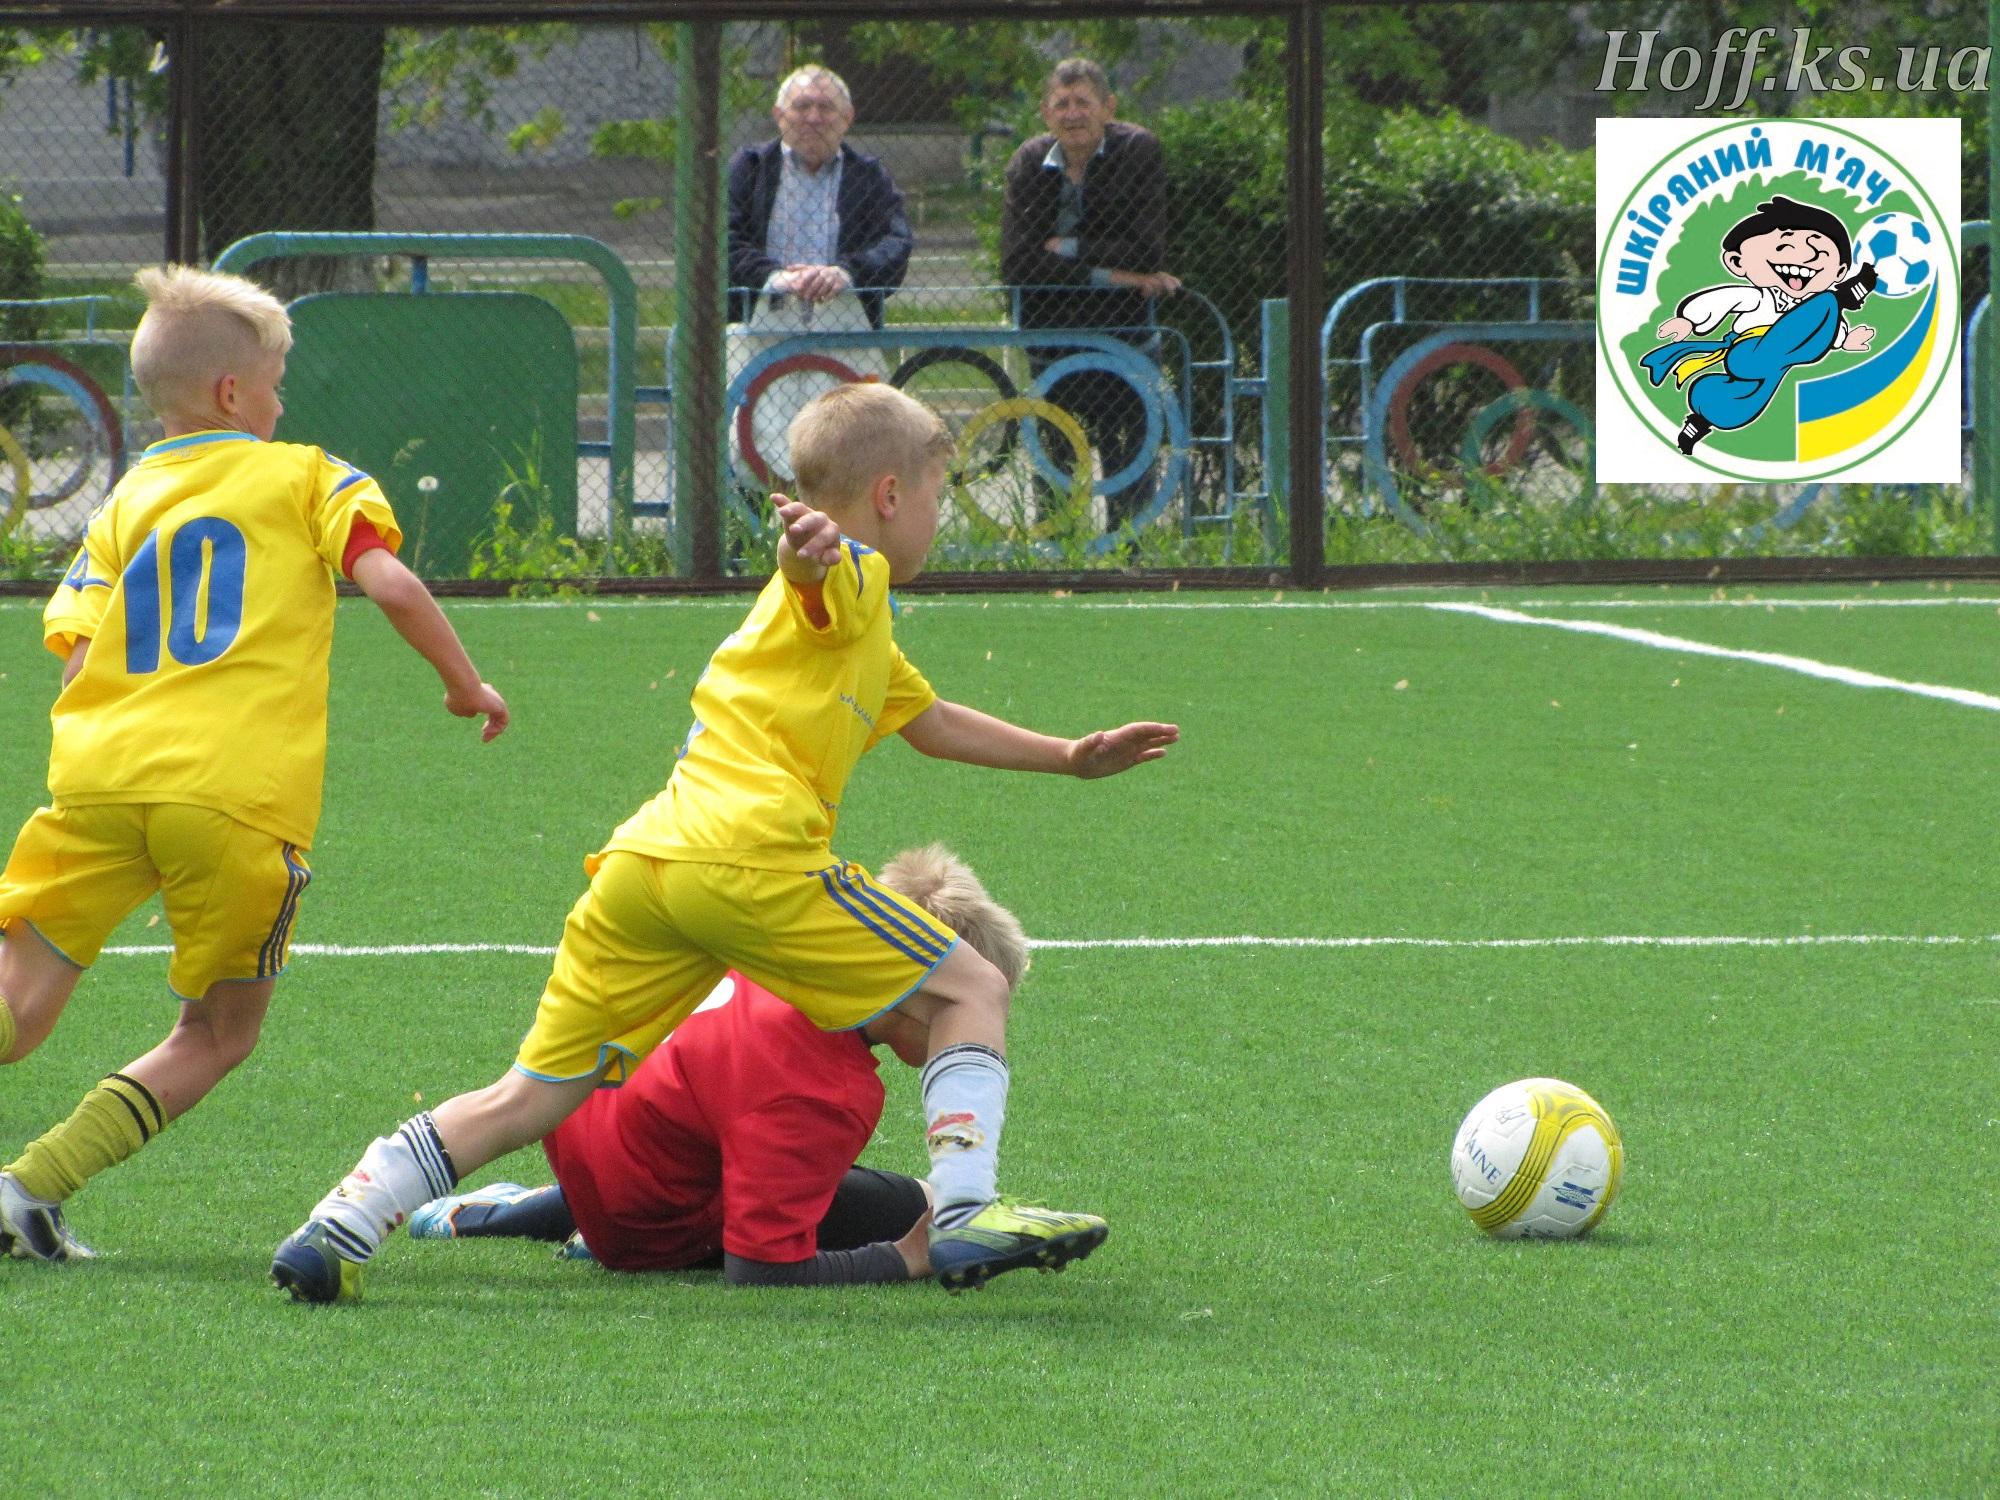 У Херсоні відбудуться фінальні матчі обласних змагань з футболу «Шкіряний м'яч» у вікових категоріях U-12 та U-14.